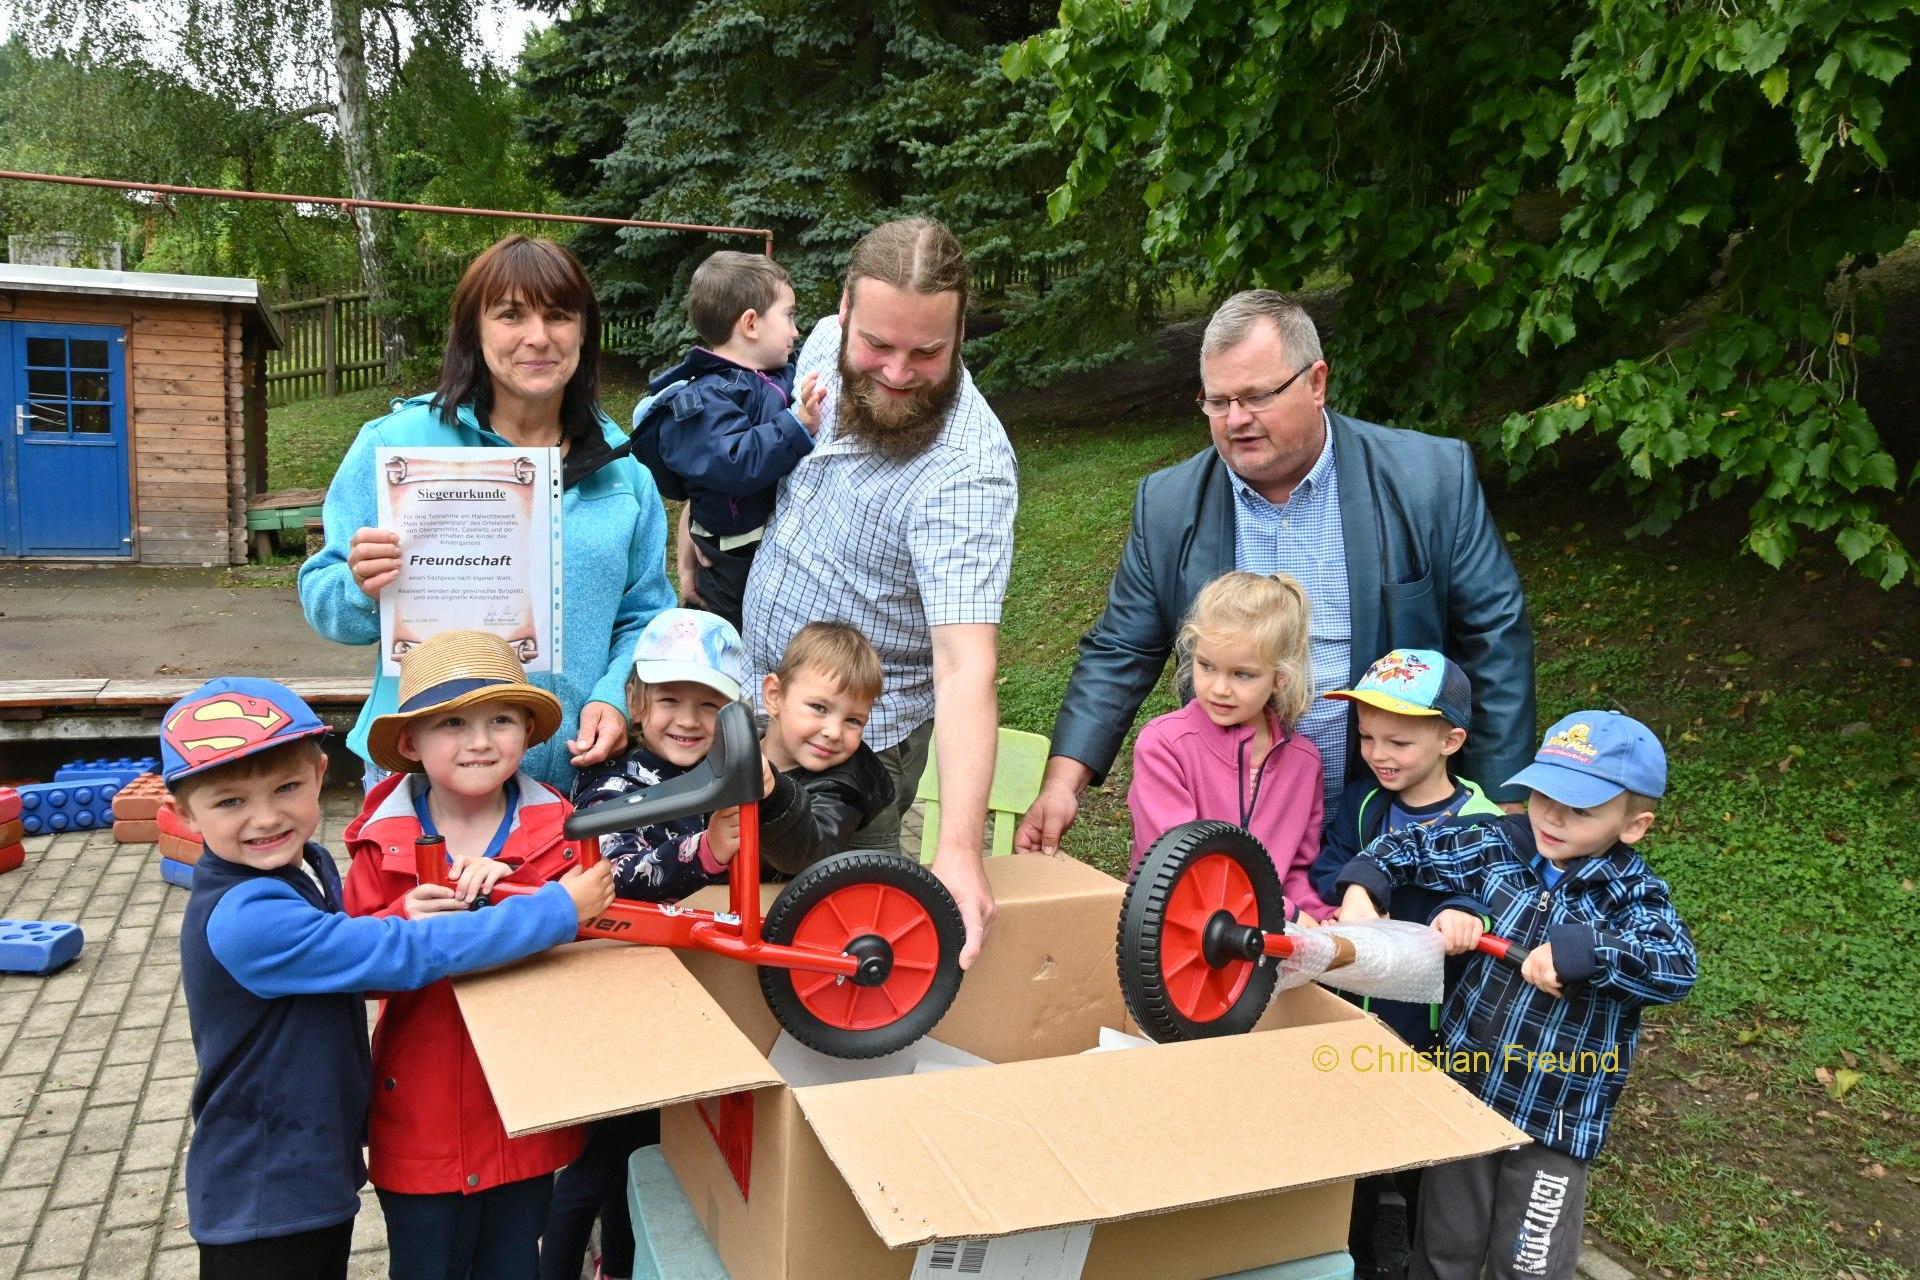 Laufrad für Siegerkinder des Malwettbewerbes